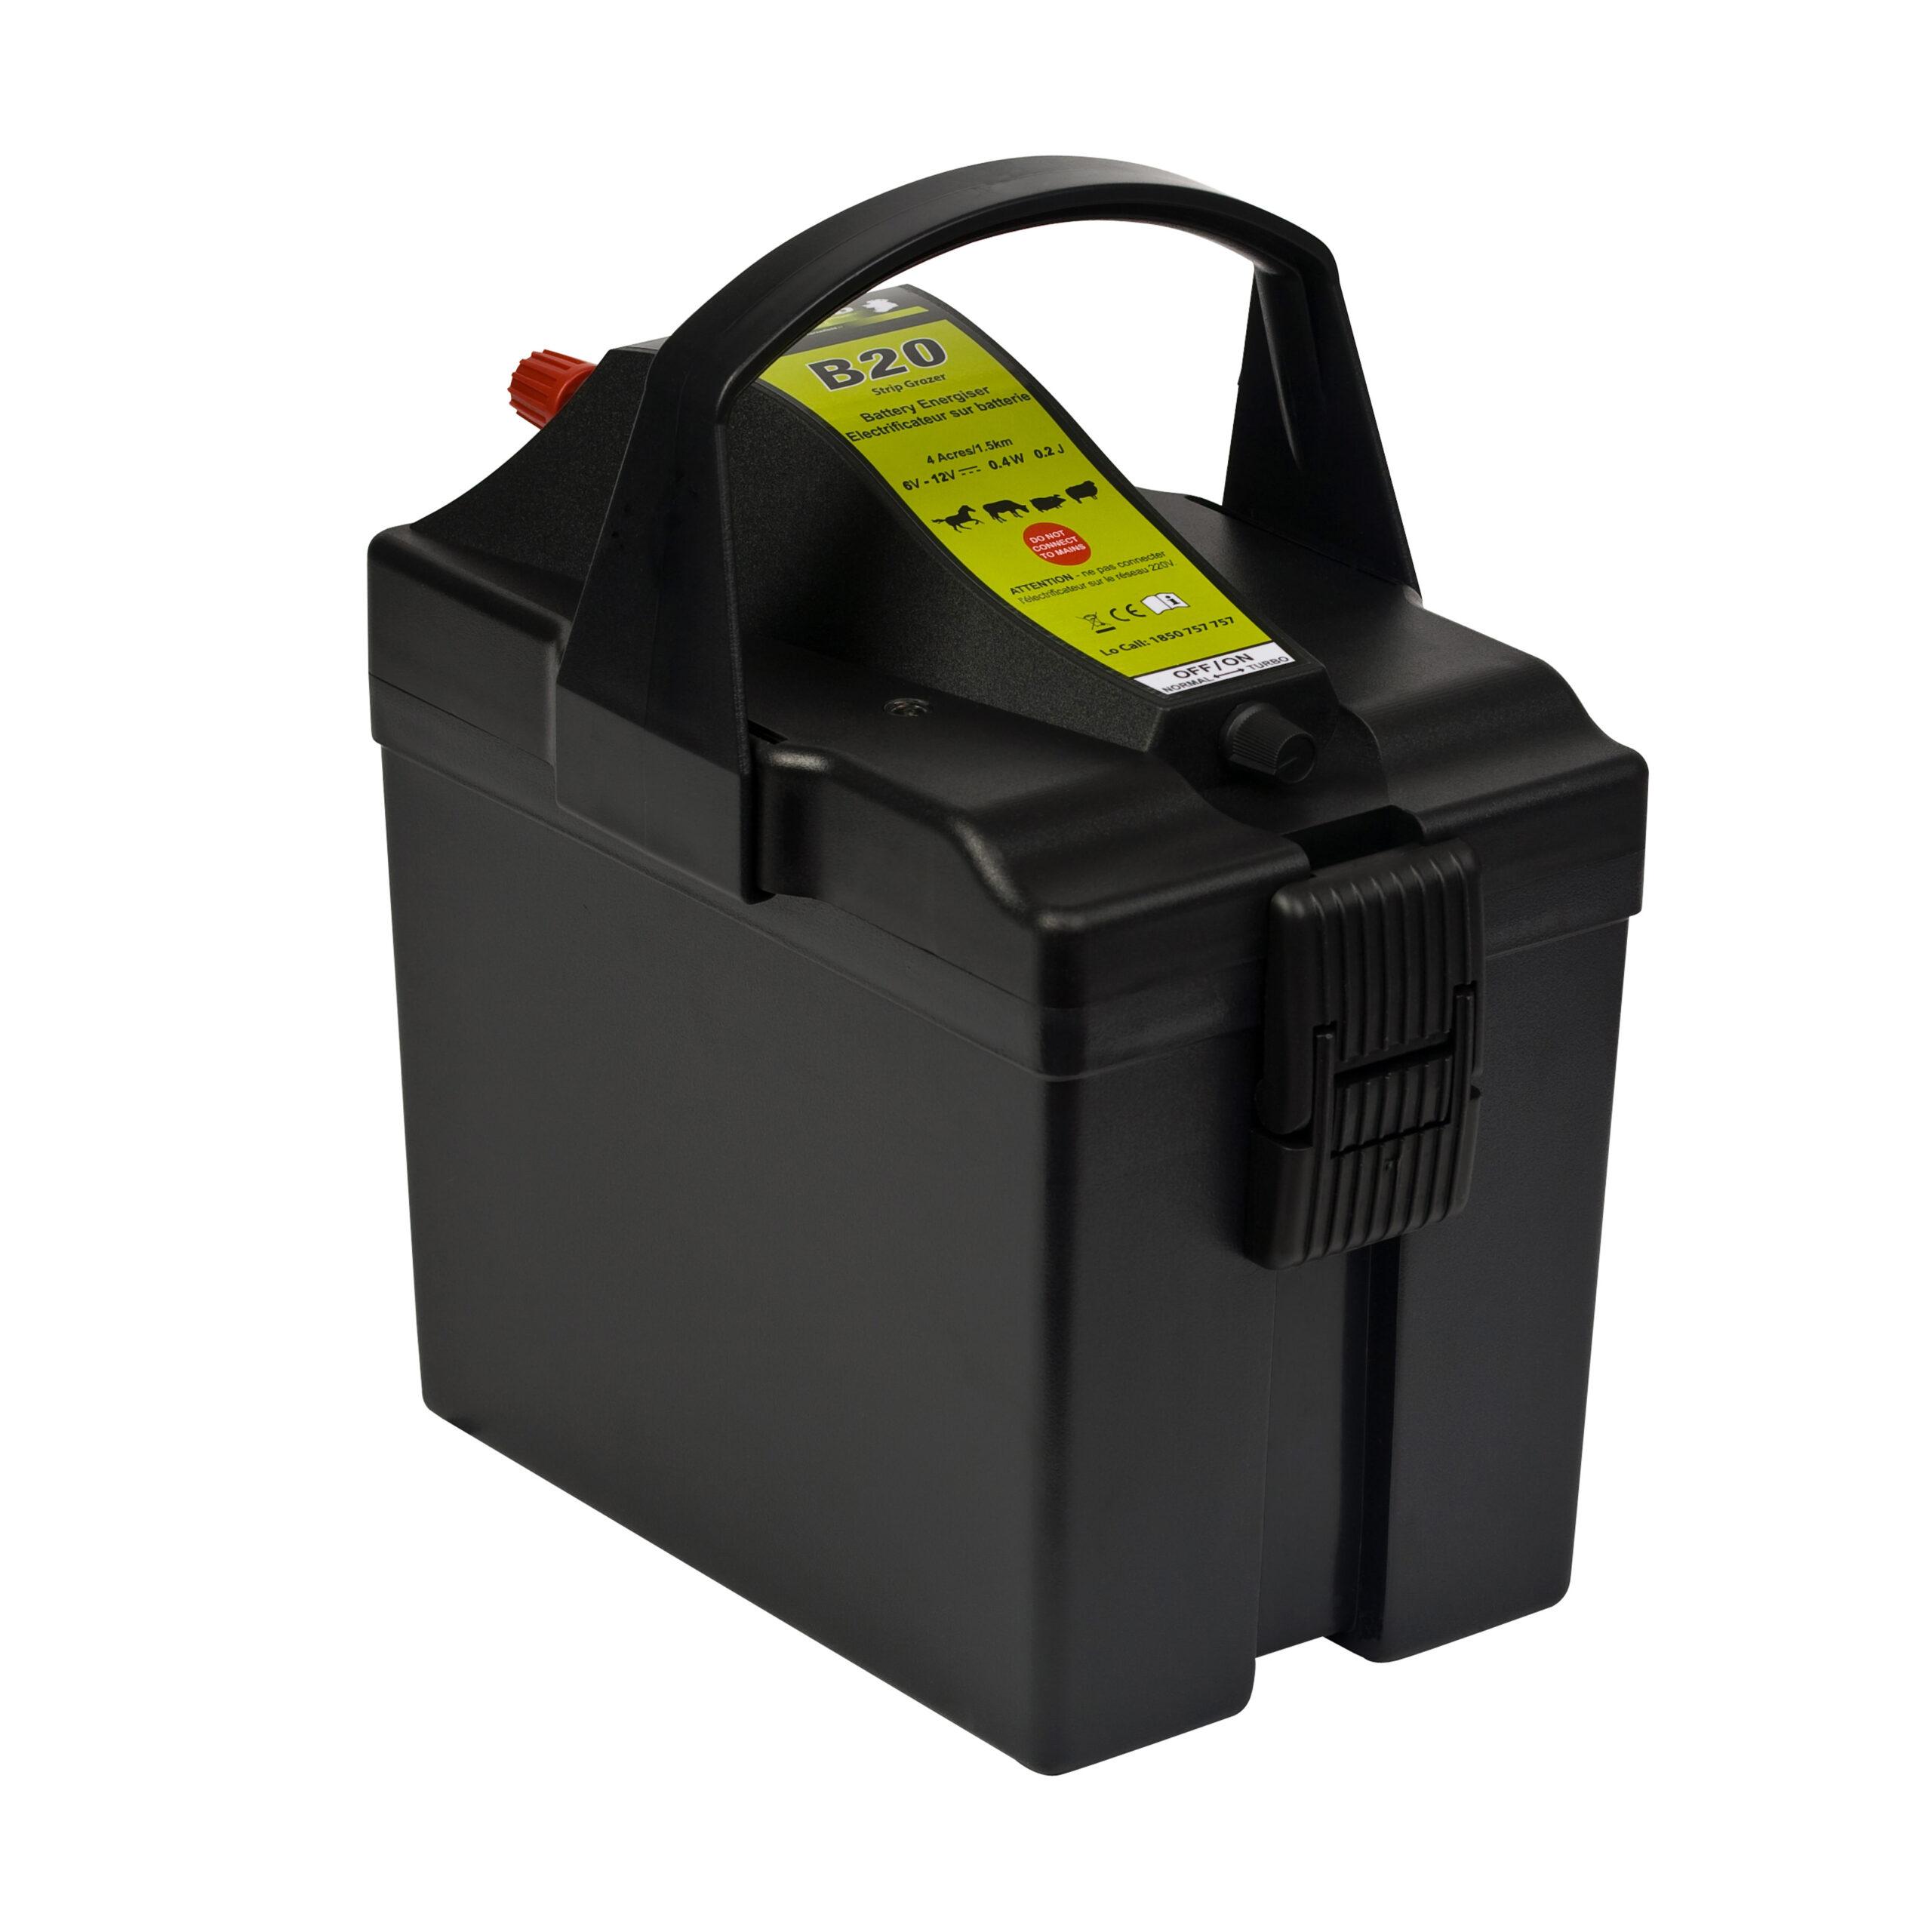 B20 Battery Energiser